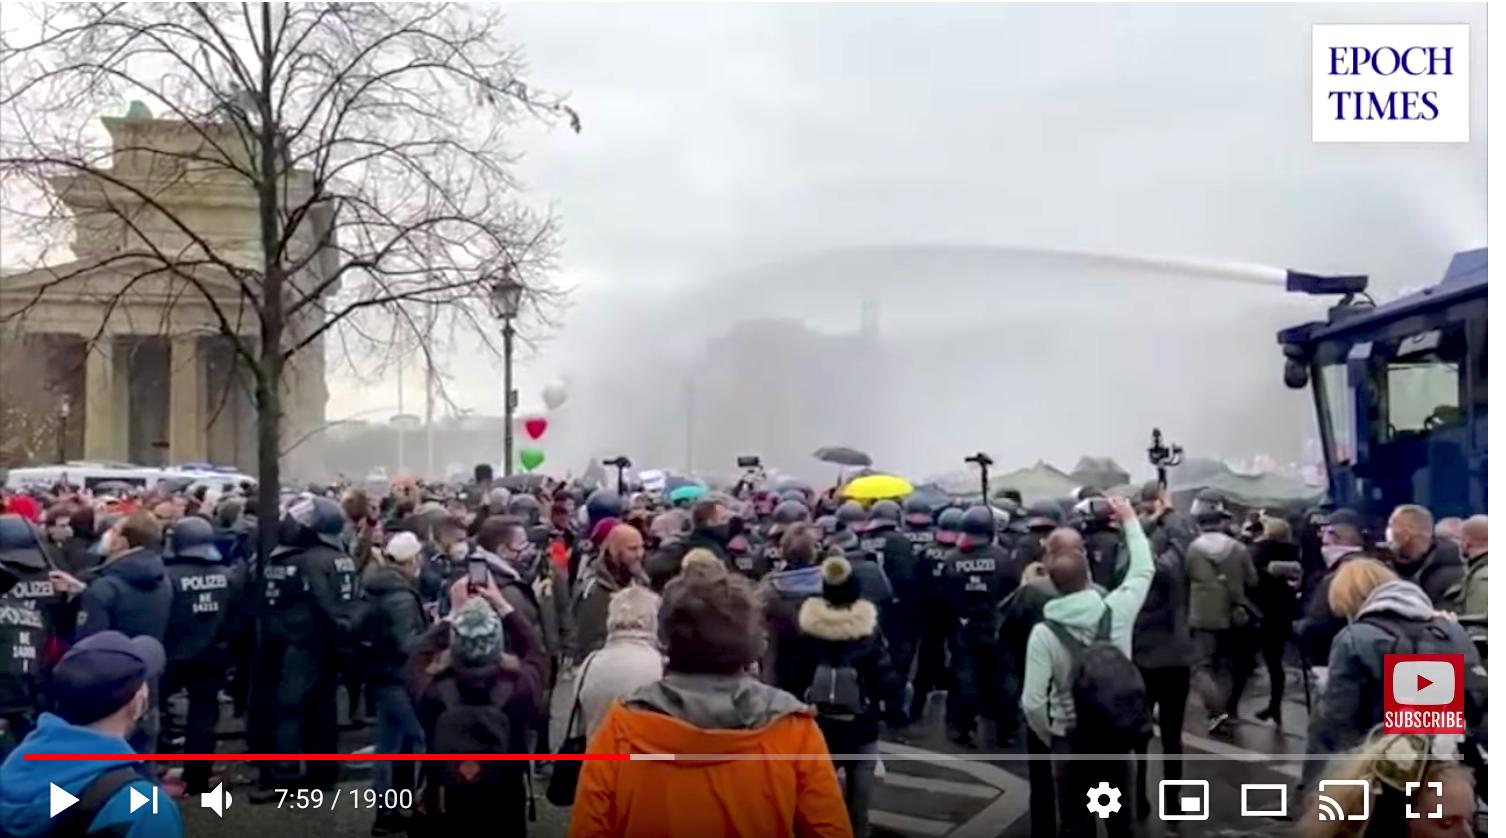 2020年11月18日,德國國會快速通過了《感染保護法》修正案。「橫向思維」在柏林集會抗議。圖為在勃蘭登堡門警方使用水砲驅趕抗議者。(德文大紀元影片截圖)